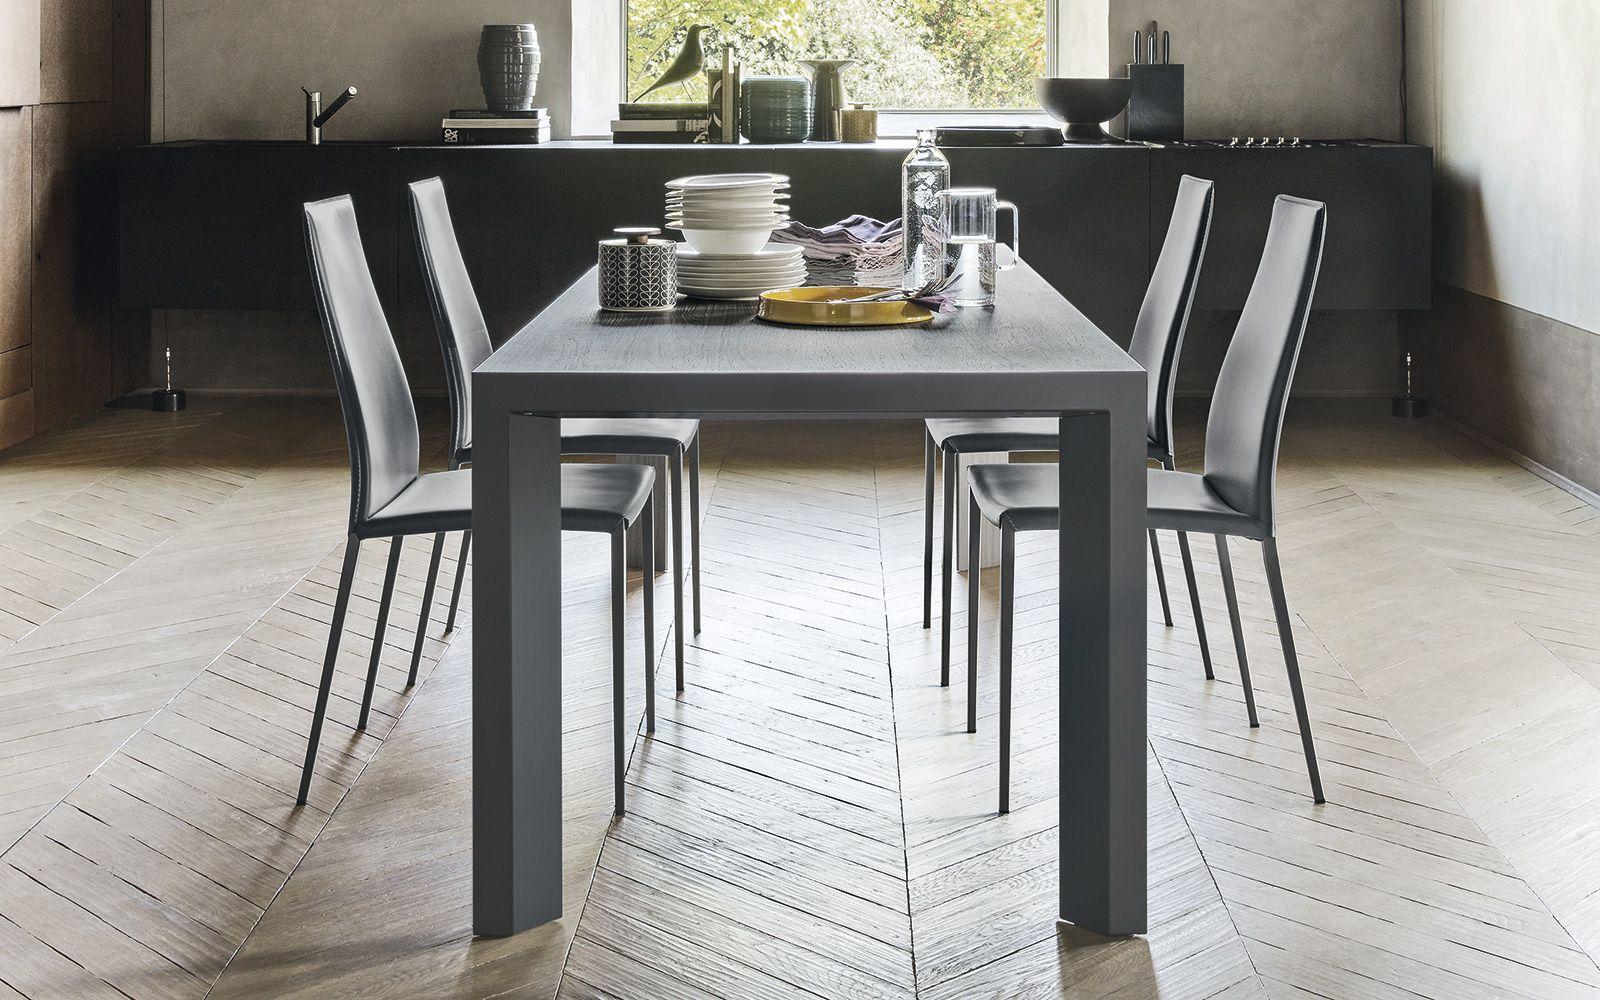 Tavoli Da Cucina Calligaris : Tavolo allungabile in legno e metallo lam calligaris cs ml